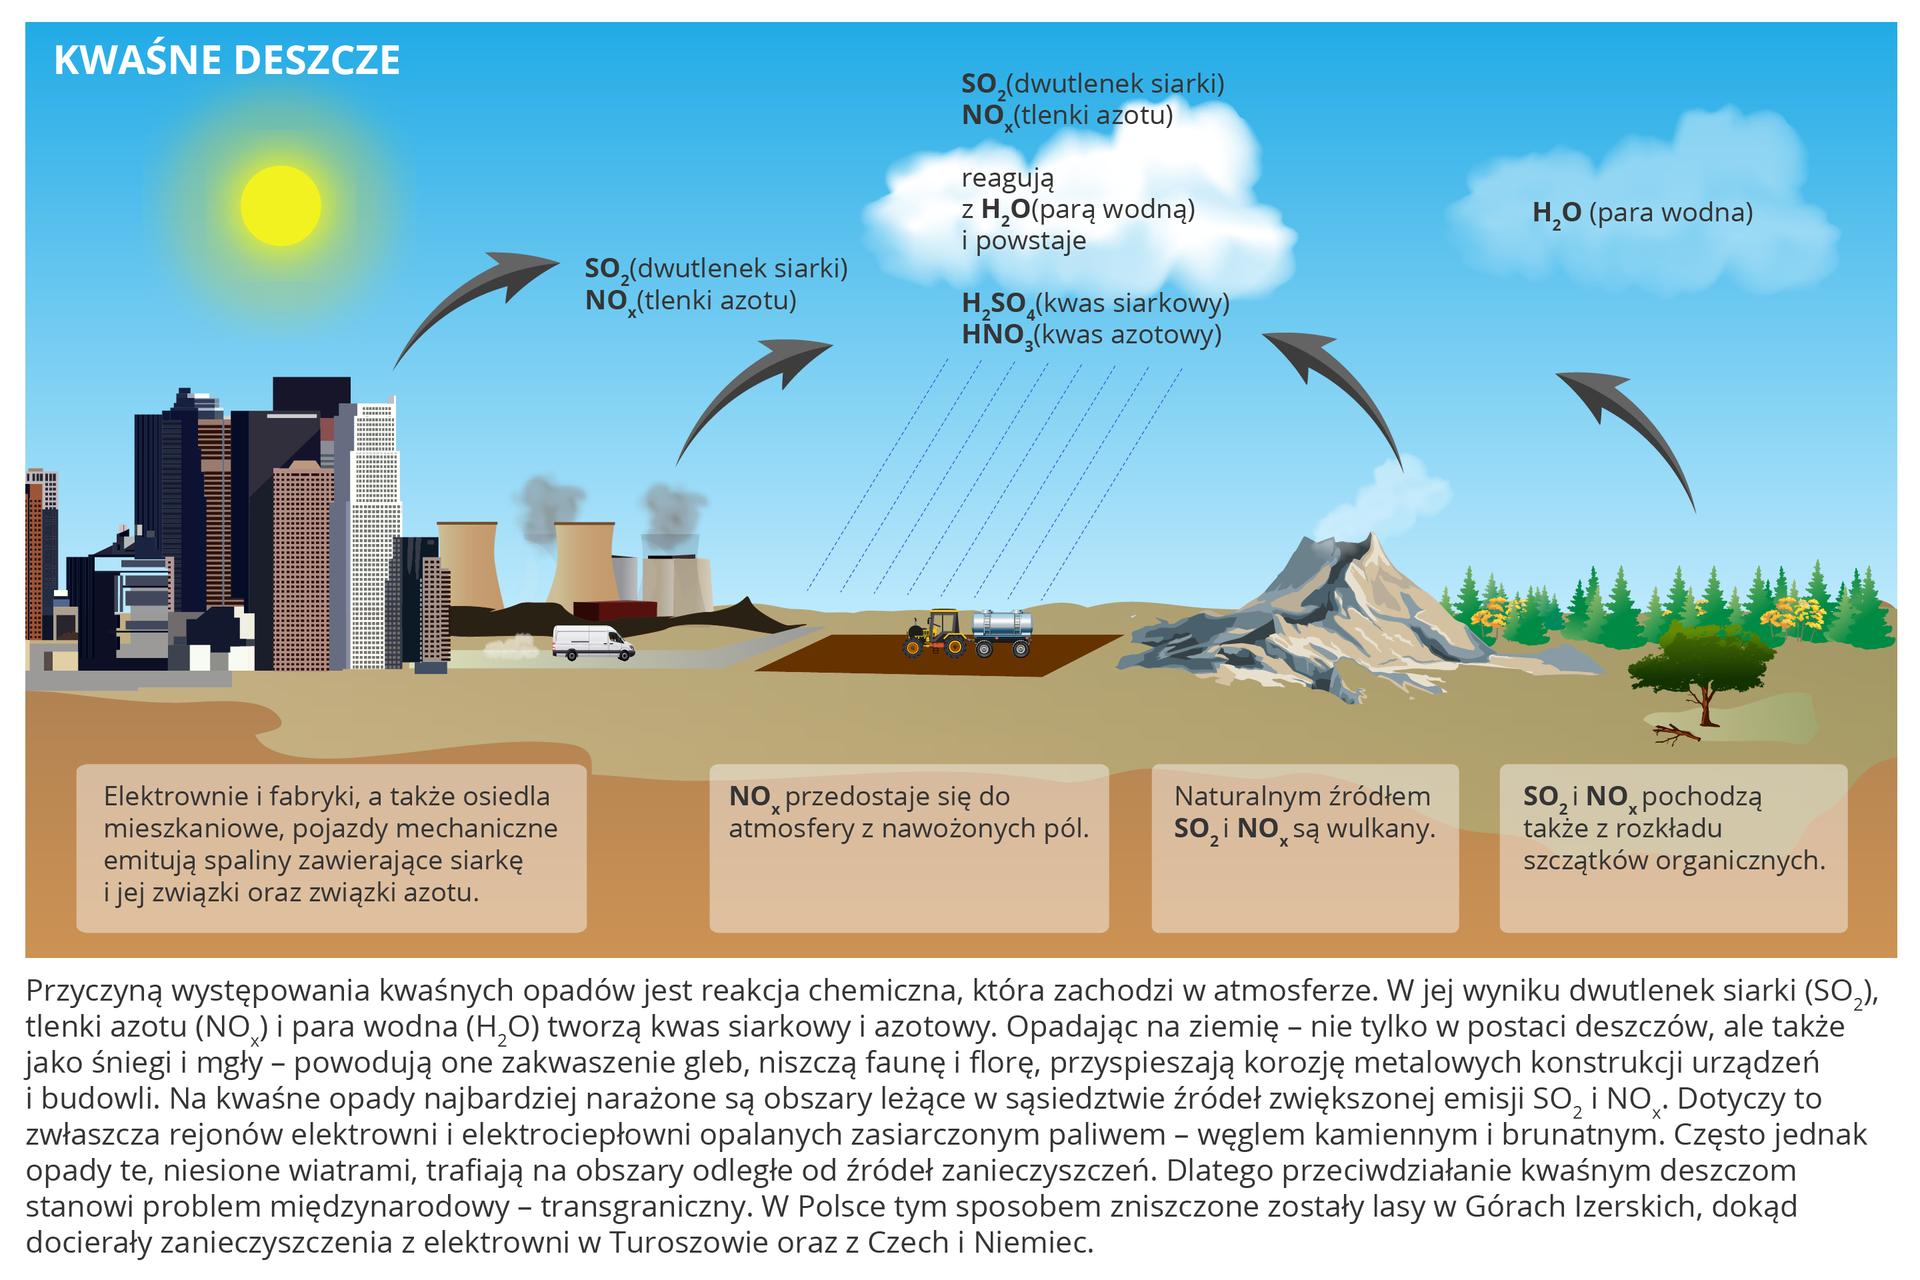 Na ilustracji miasto, obszary rolnicze, góry (wulkany) ilasy. Wkażdym rejonie zaznaczone rodzaje szkodliwych spalin – dwutlenek siarki, tlenki azotu. Wpołączeniu zparą wodną zatmosfery tworzą kwas siarkowy ikwas azotowy, które opadając na ziemię powodują zakwaszenie gleb, niszczenie flory ifauny, korozję metali.